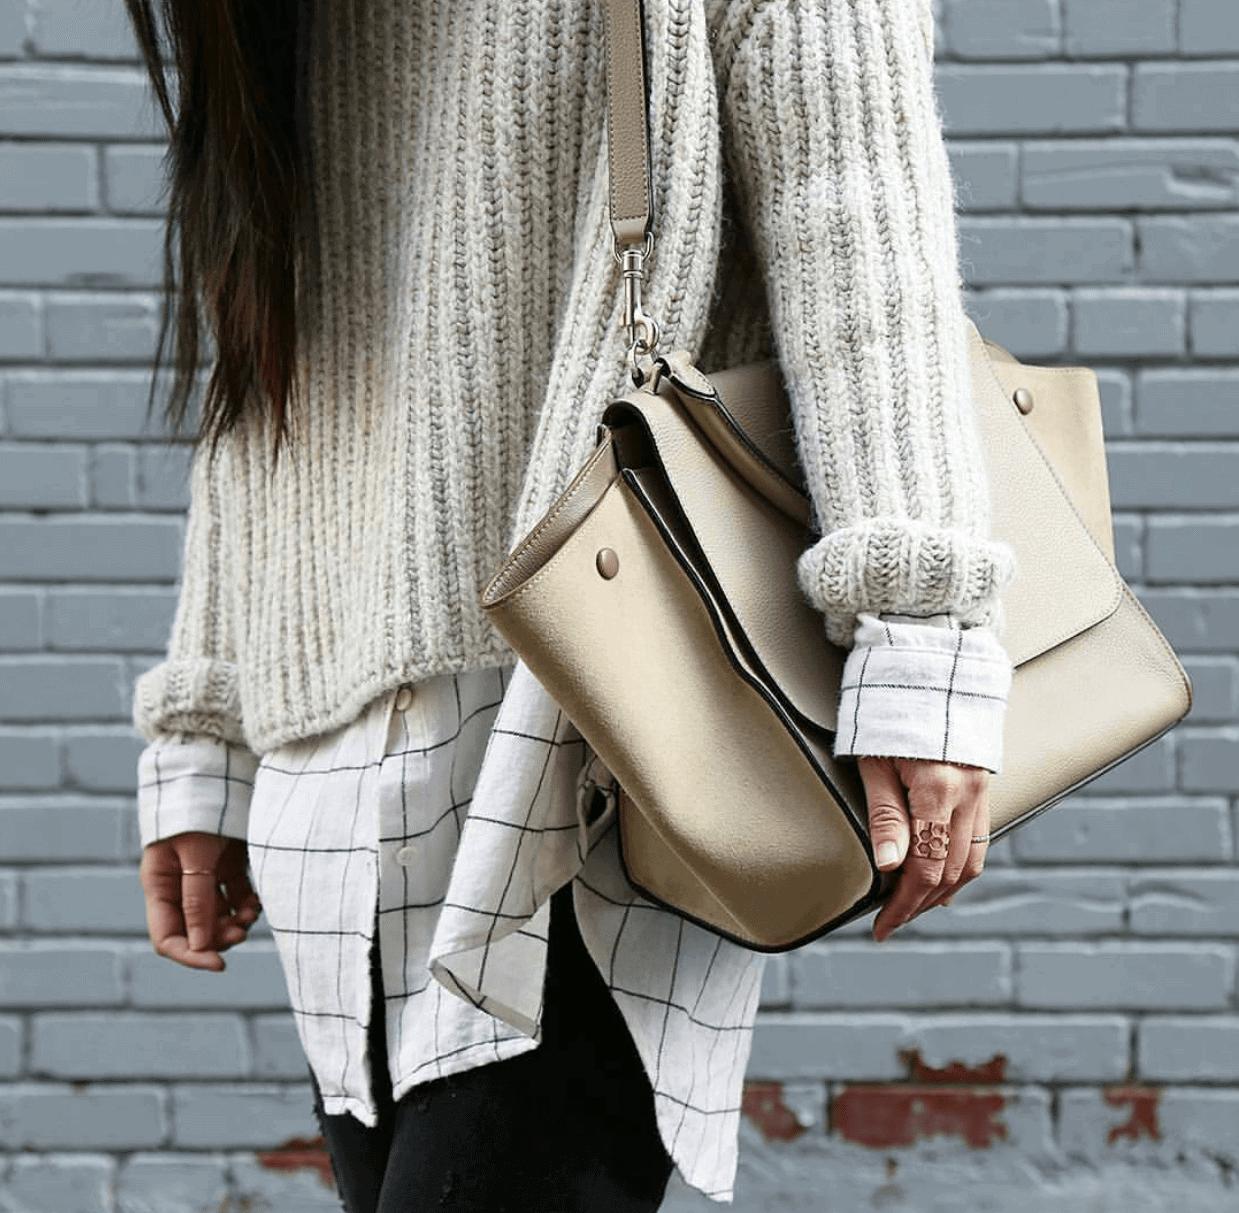 aw16 fashion inspo